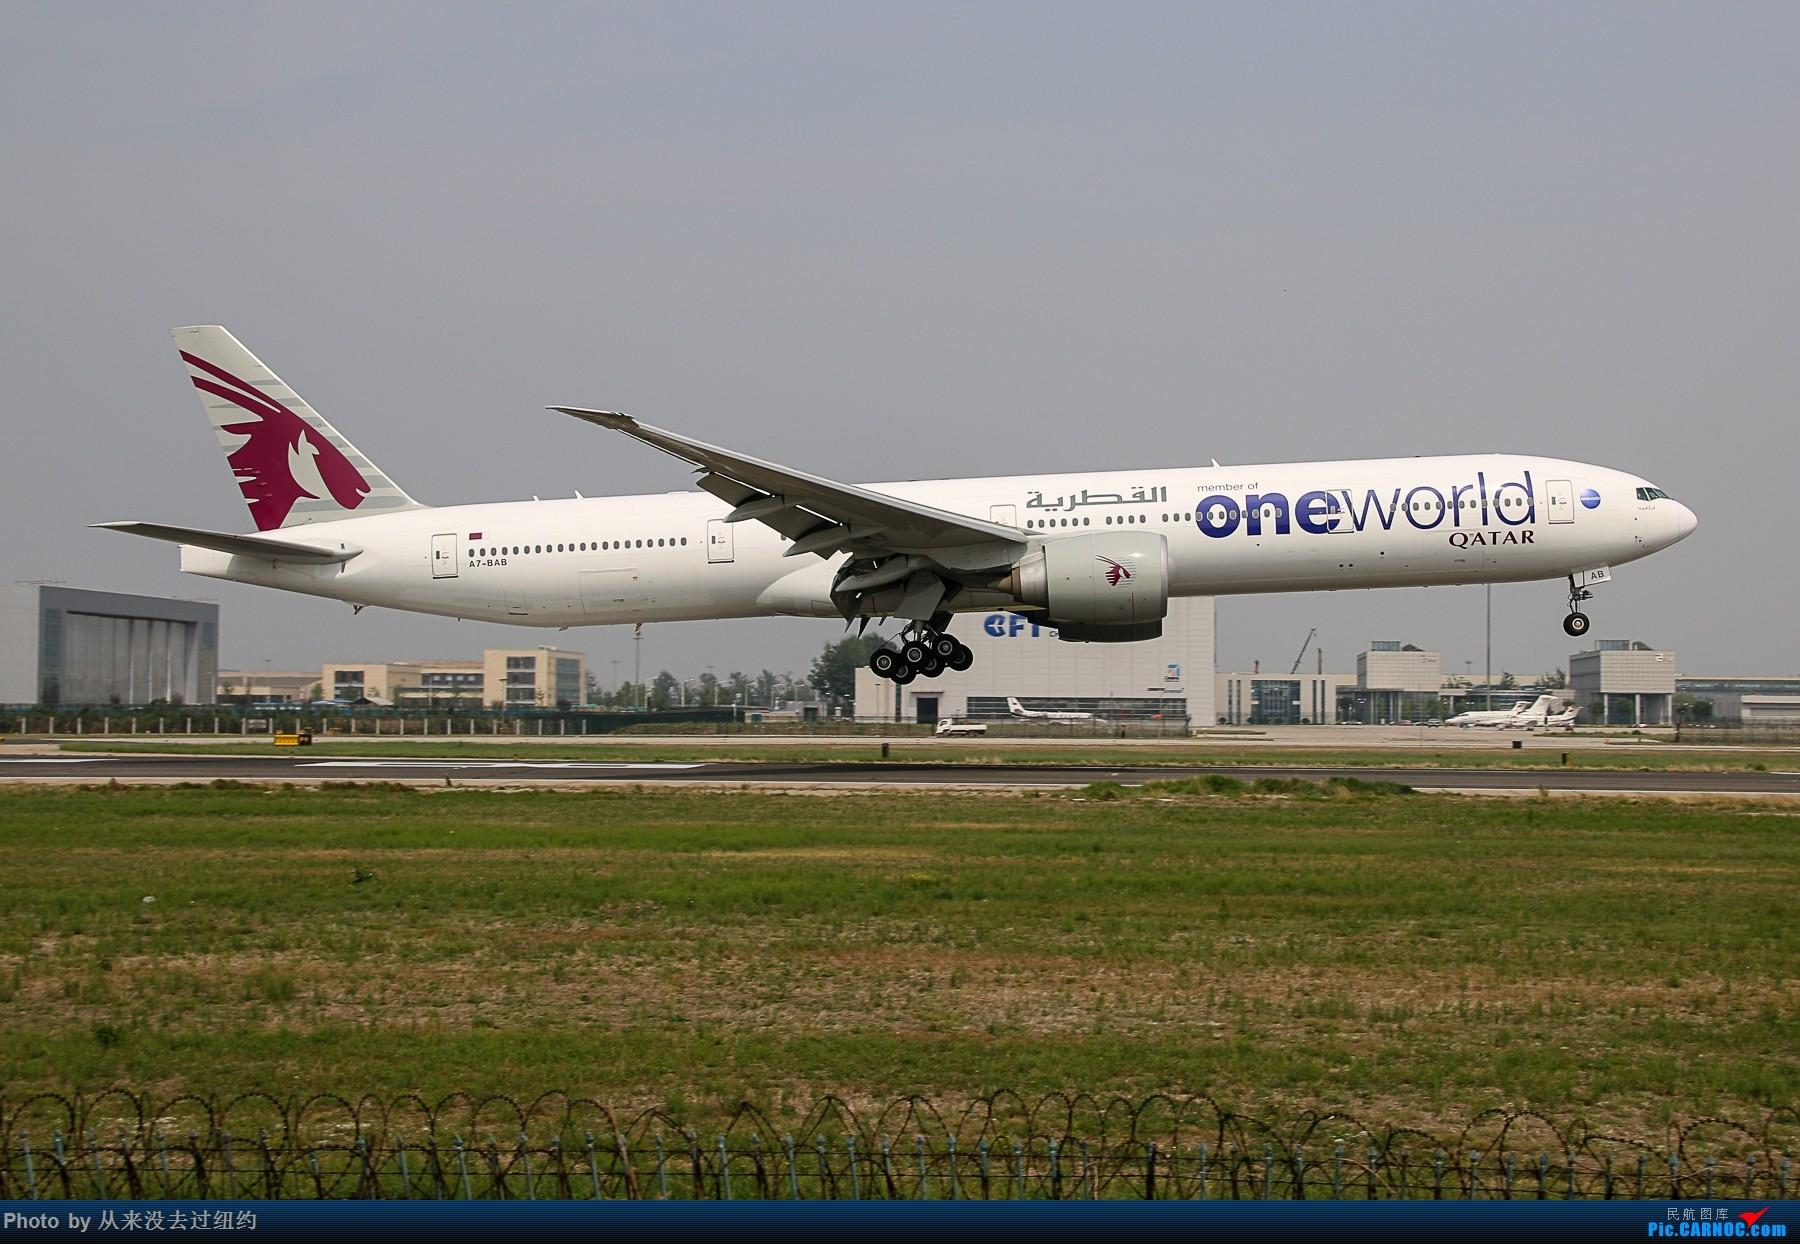 [原创]卡塔尔 One world 77W 77W  中国北京首都国际机场